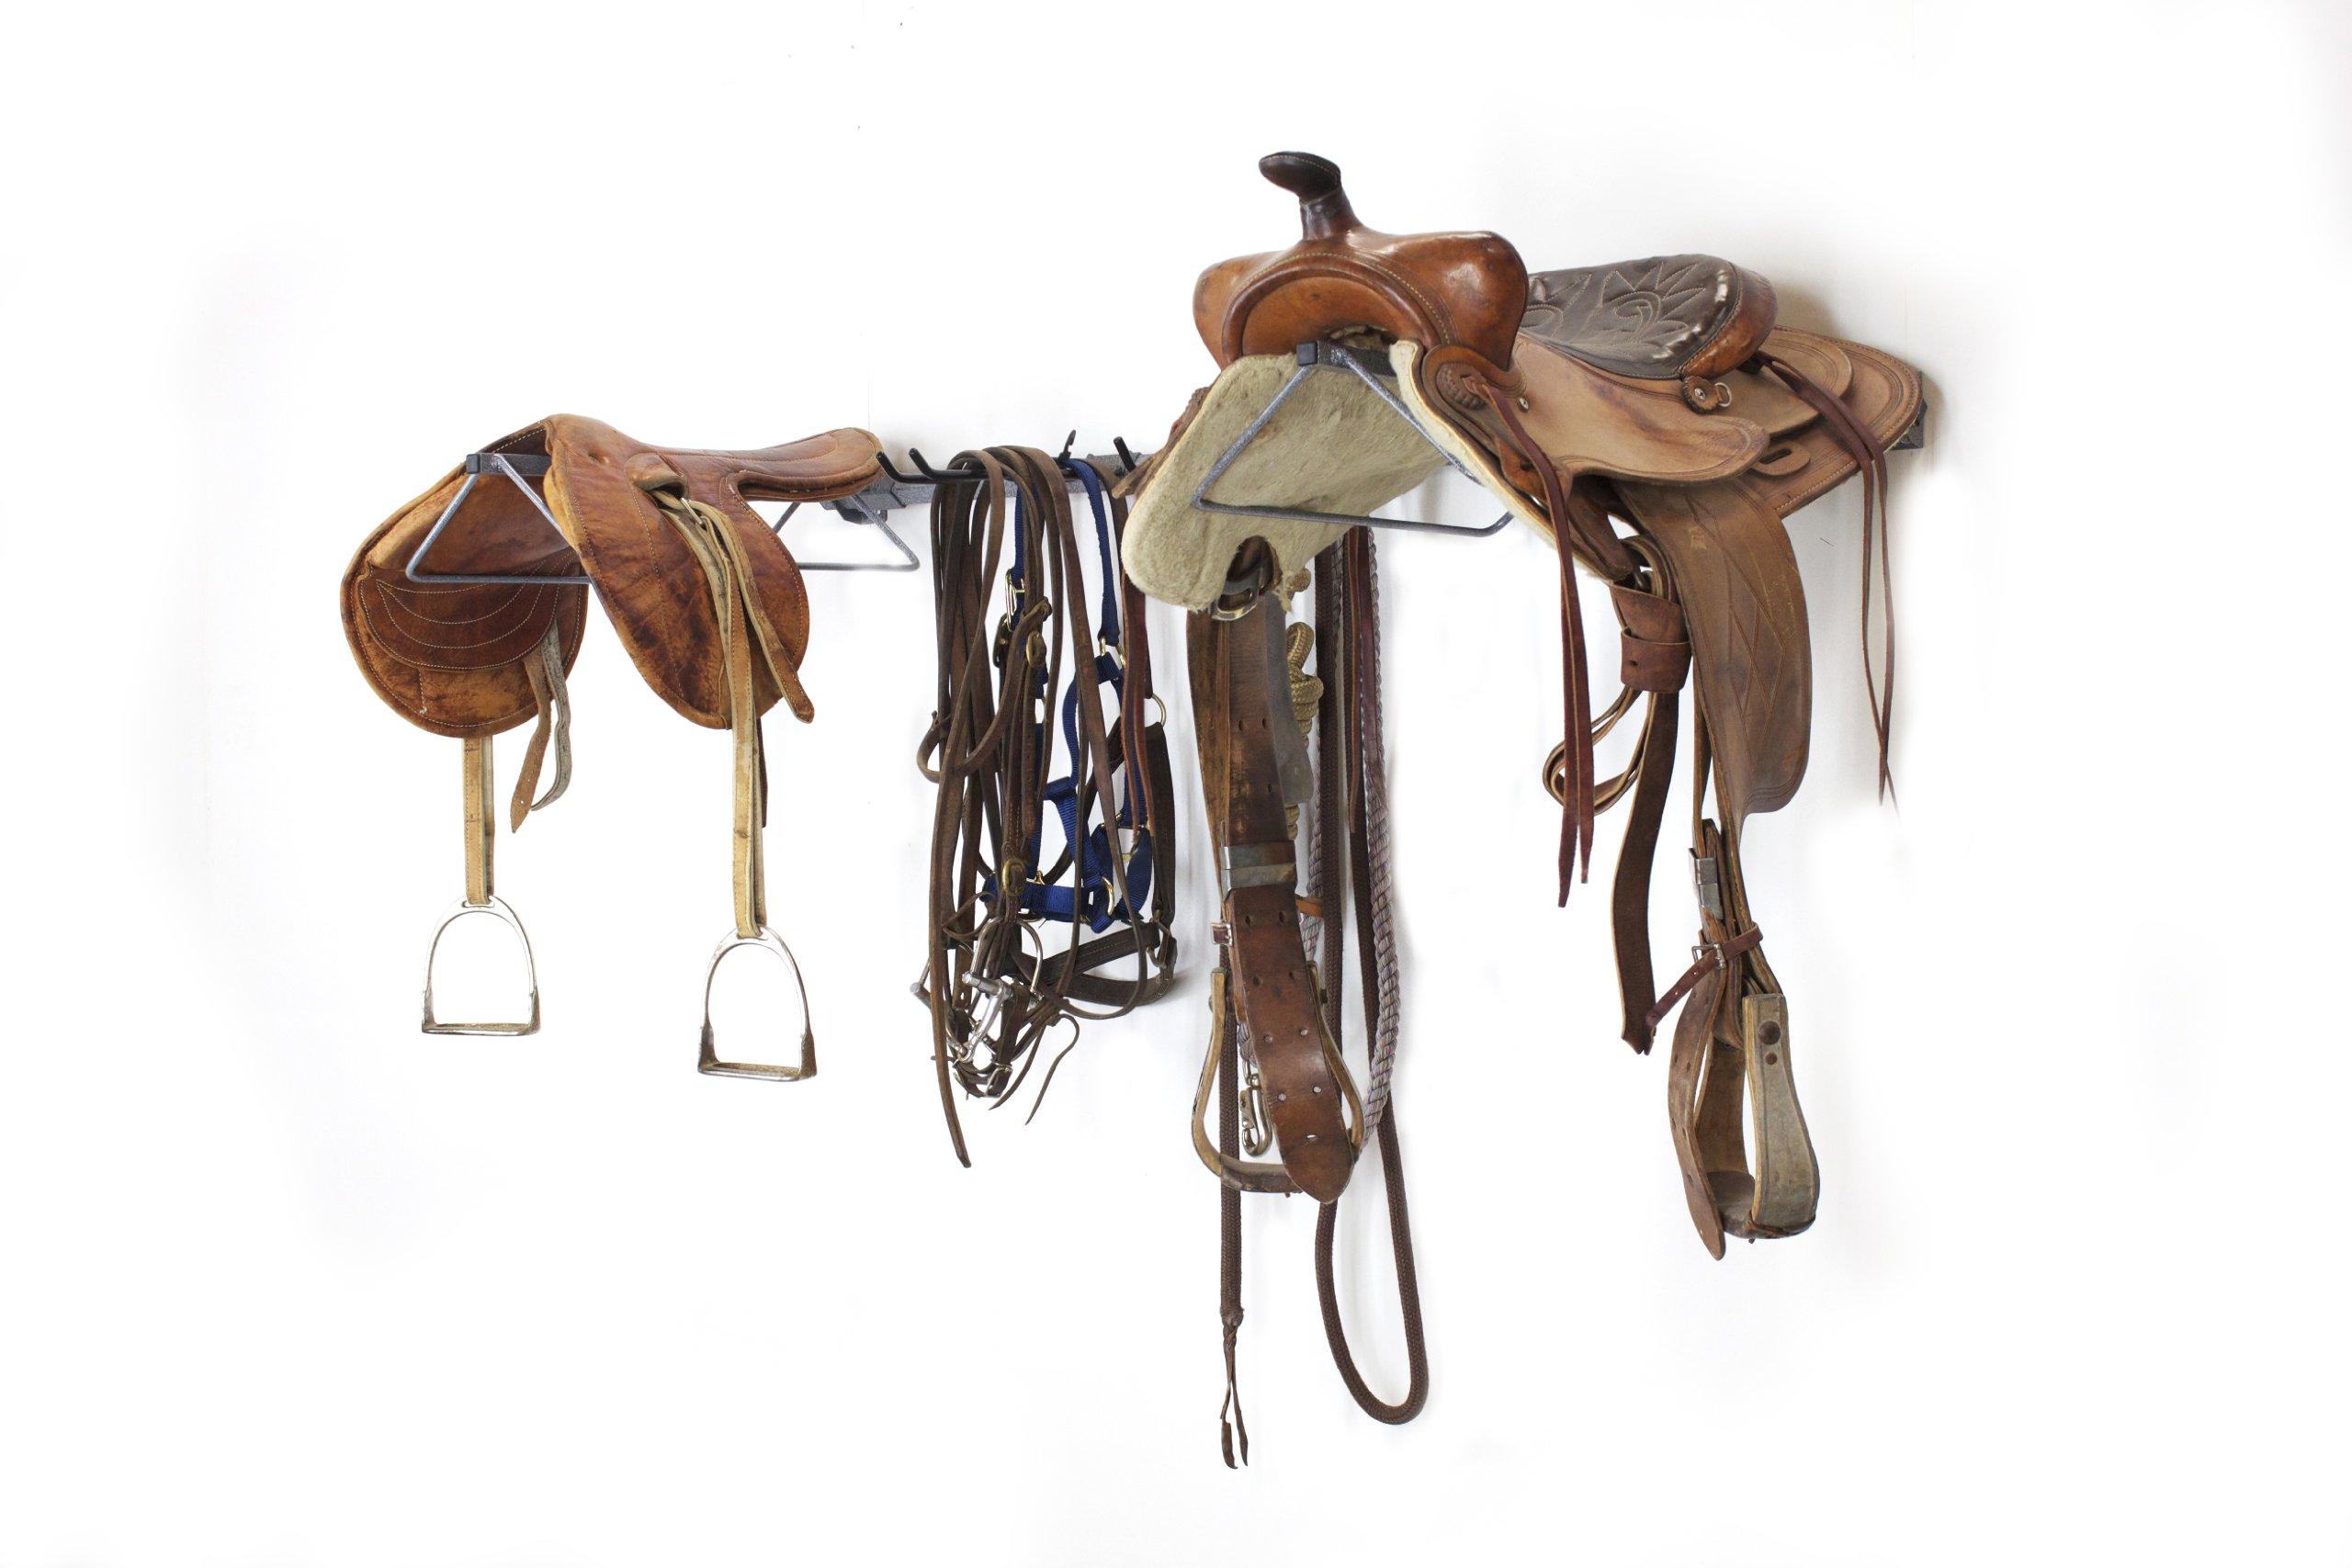 Monkey Bars Storage Double Saddle Rack by Monkey Bars (Image #2)